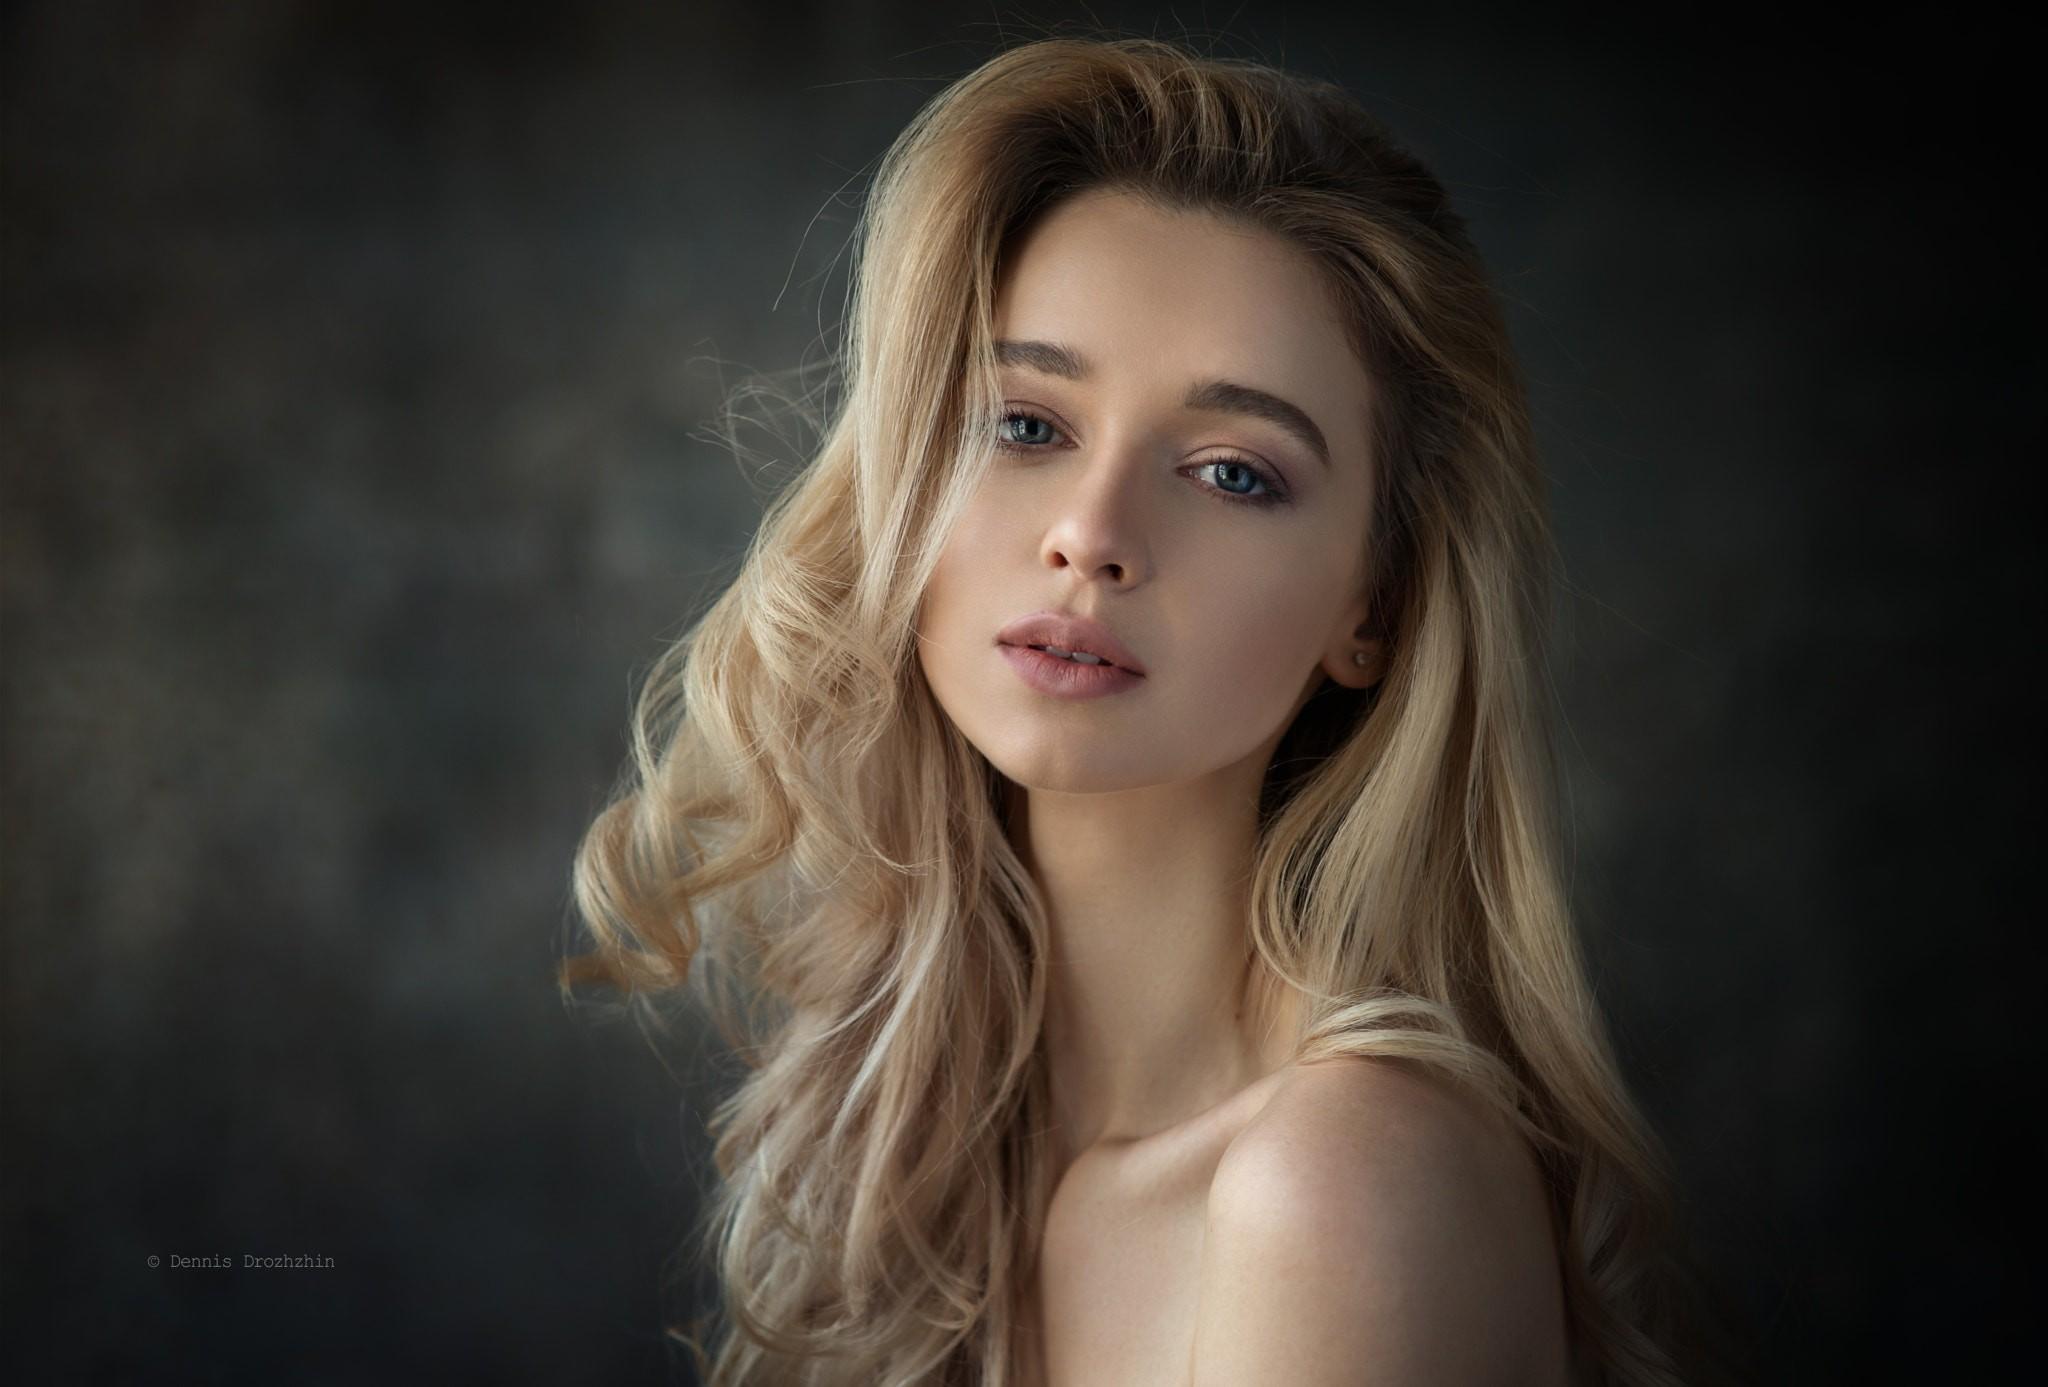 Women Blonde Blue Eyes Long Hair Wavy Hair Portrait: Wallpaper : Women, Model, Blonde, Simple Background, Long